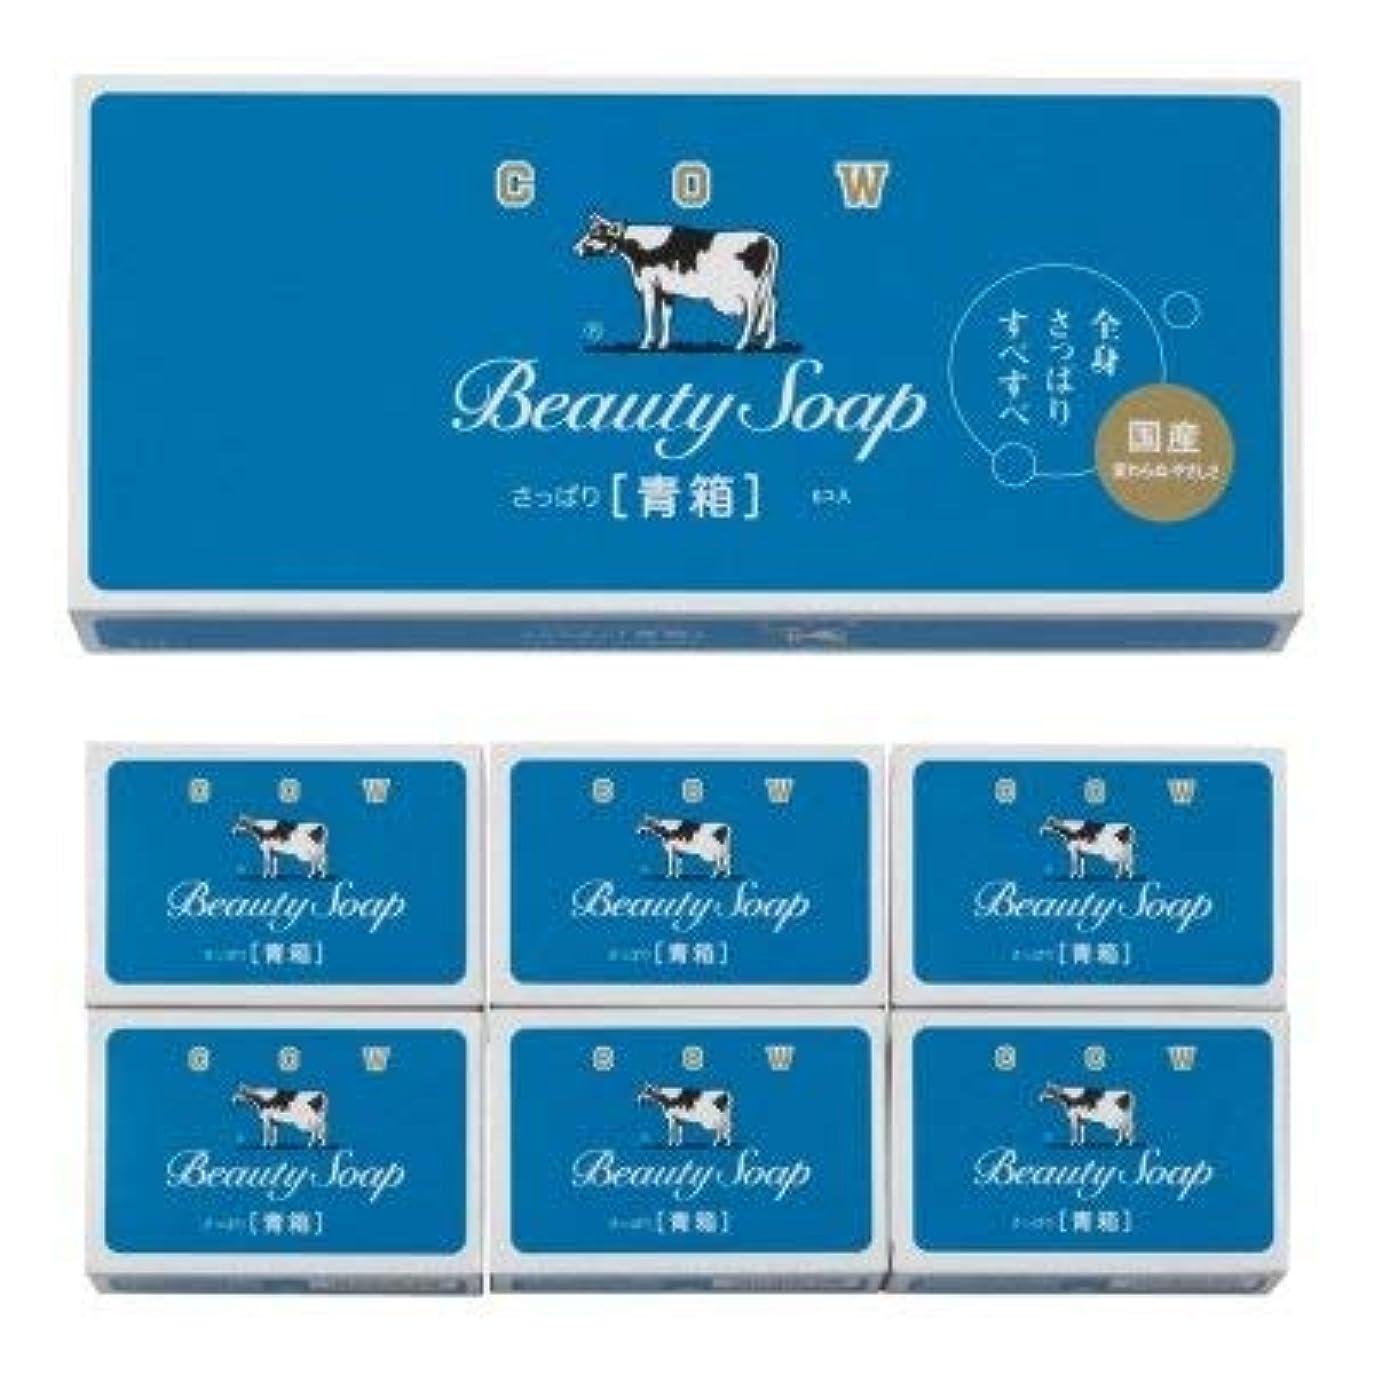 読書縫い目ベルト【国産】カウブランド 牛乳石鹸 青箱6コ入 (12個1セット)